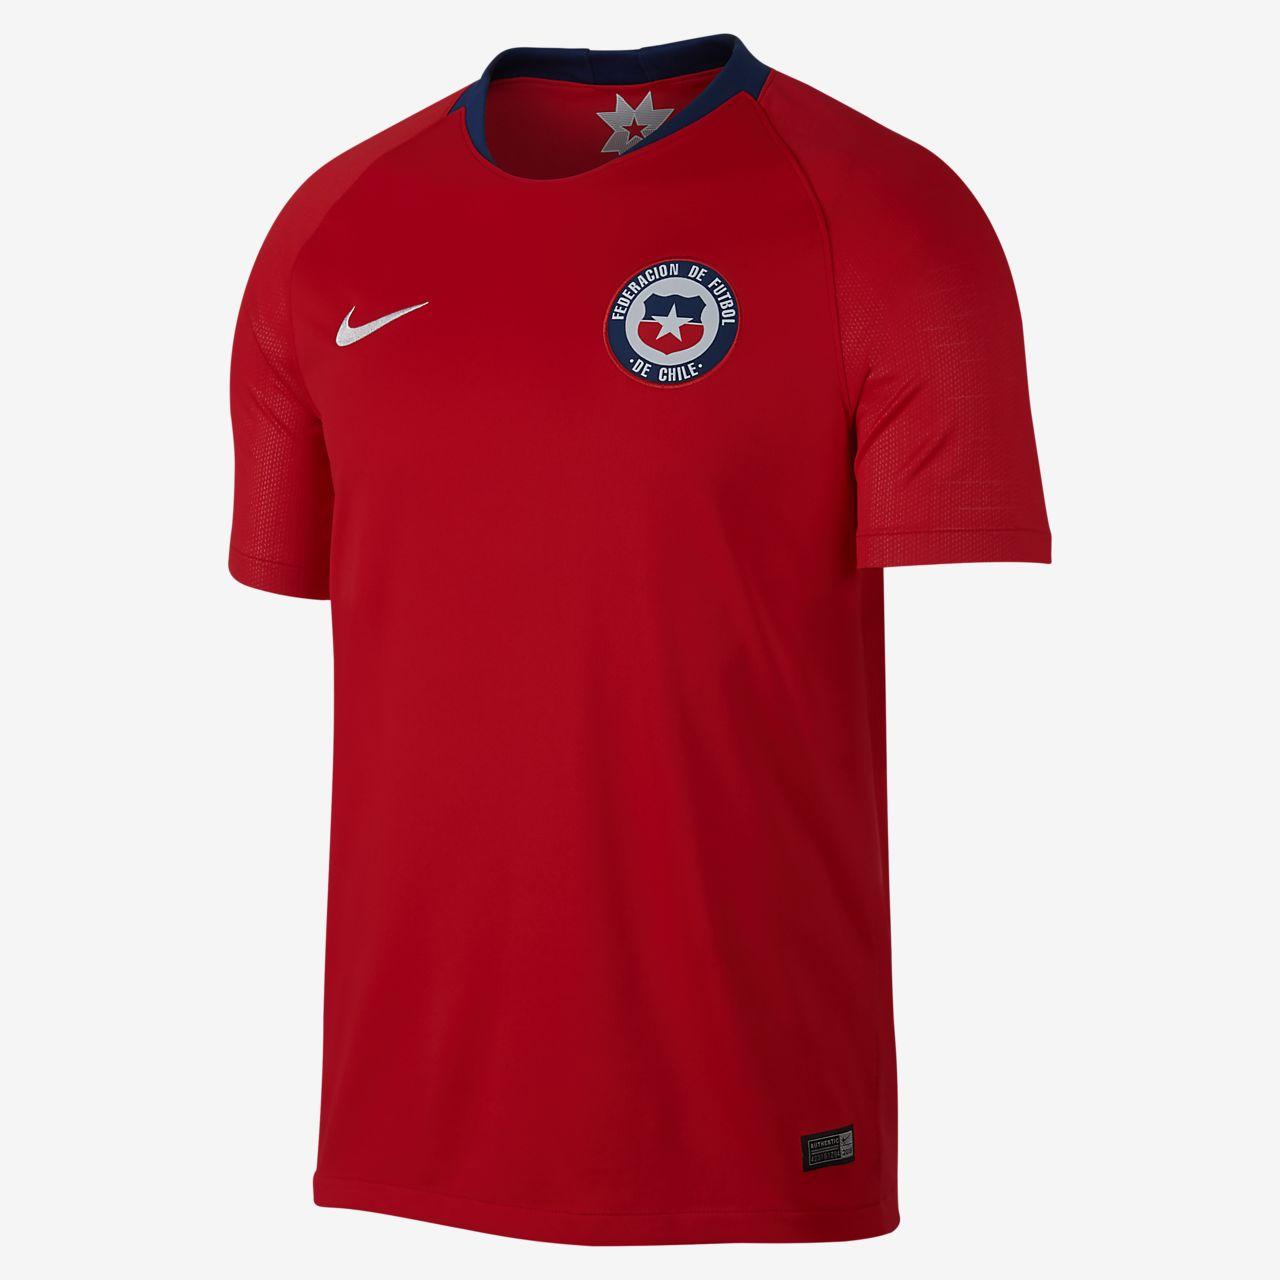 dd2968407034a Camiseta de fútbol para hombre 2018 Chile Stadium Home. Nike.com CL